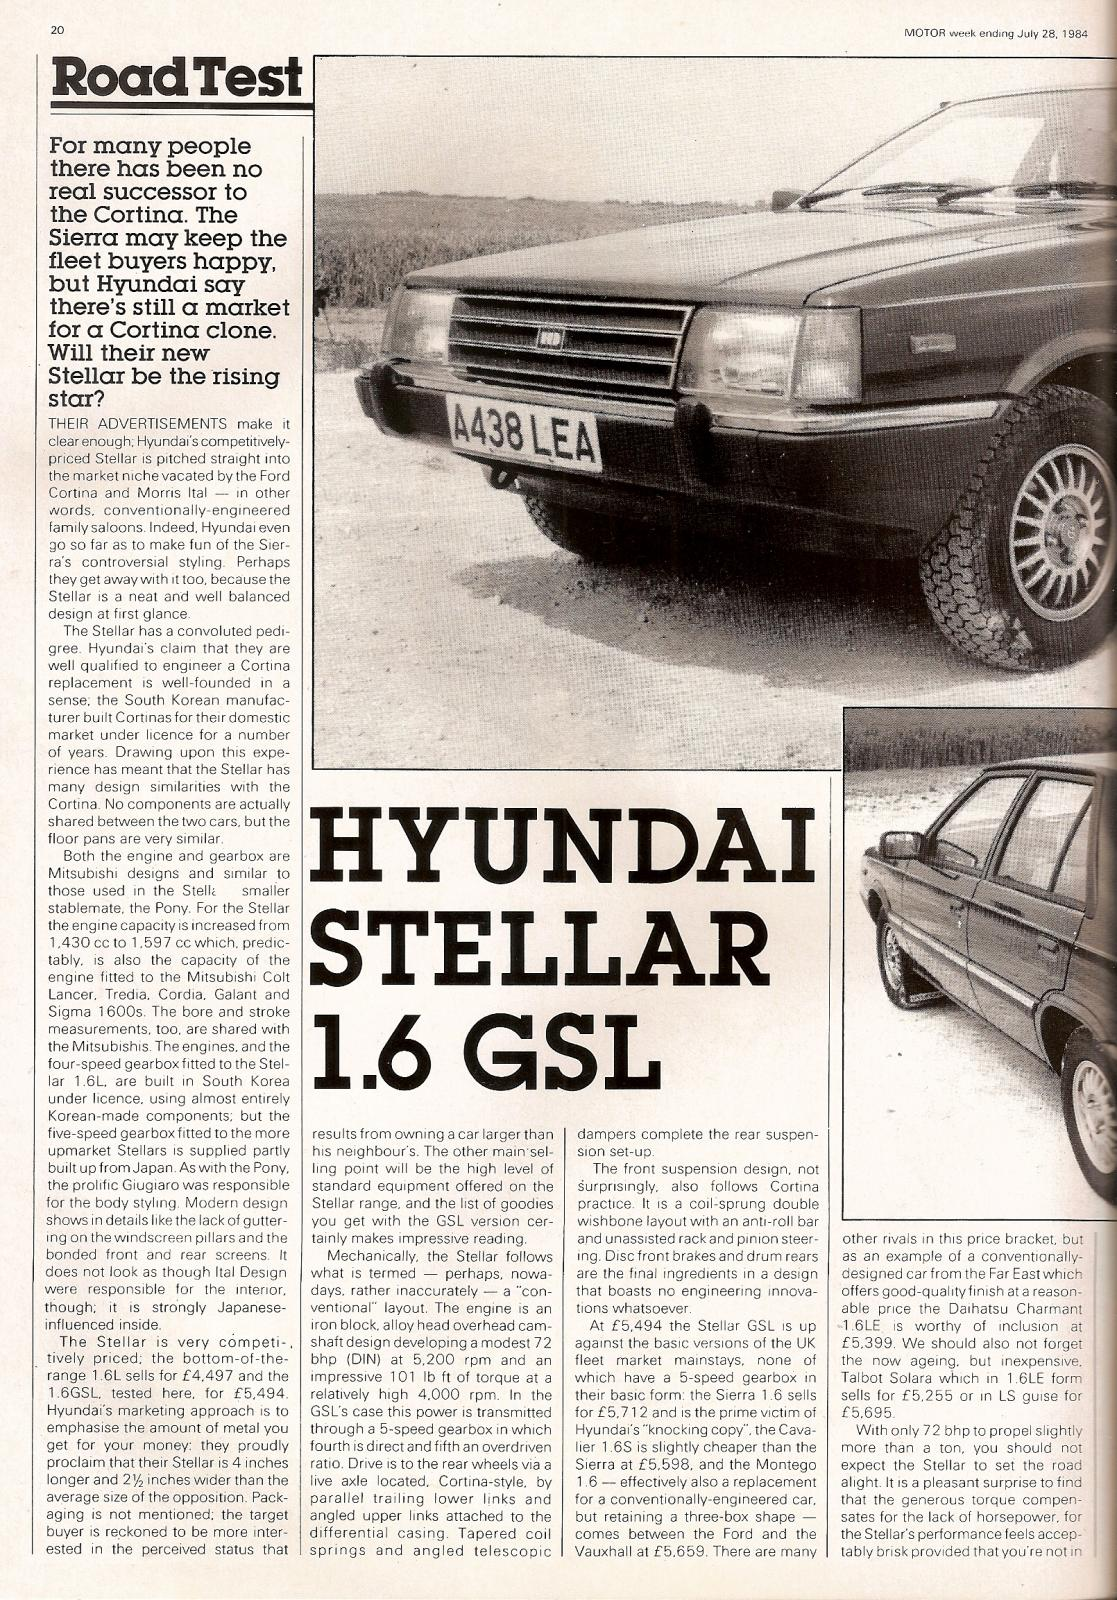 Hyundai Stellar 1.6 GSL Road Test 1984 (1).jpg